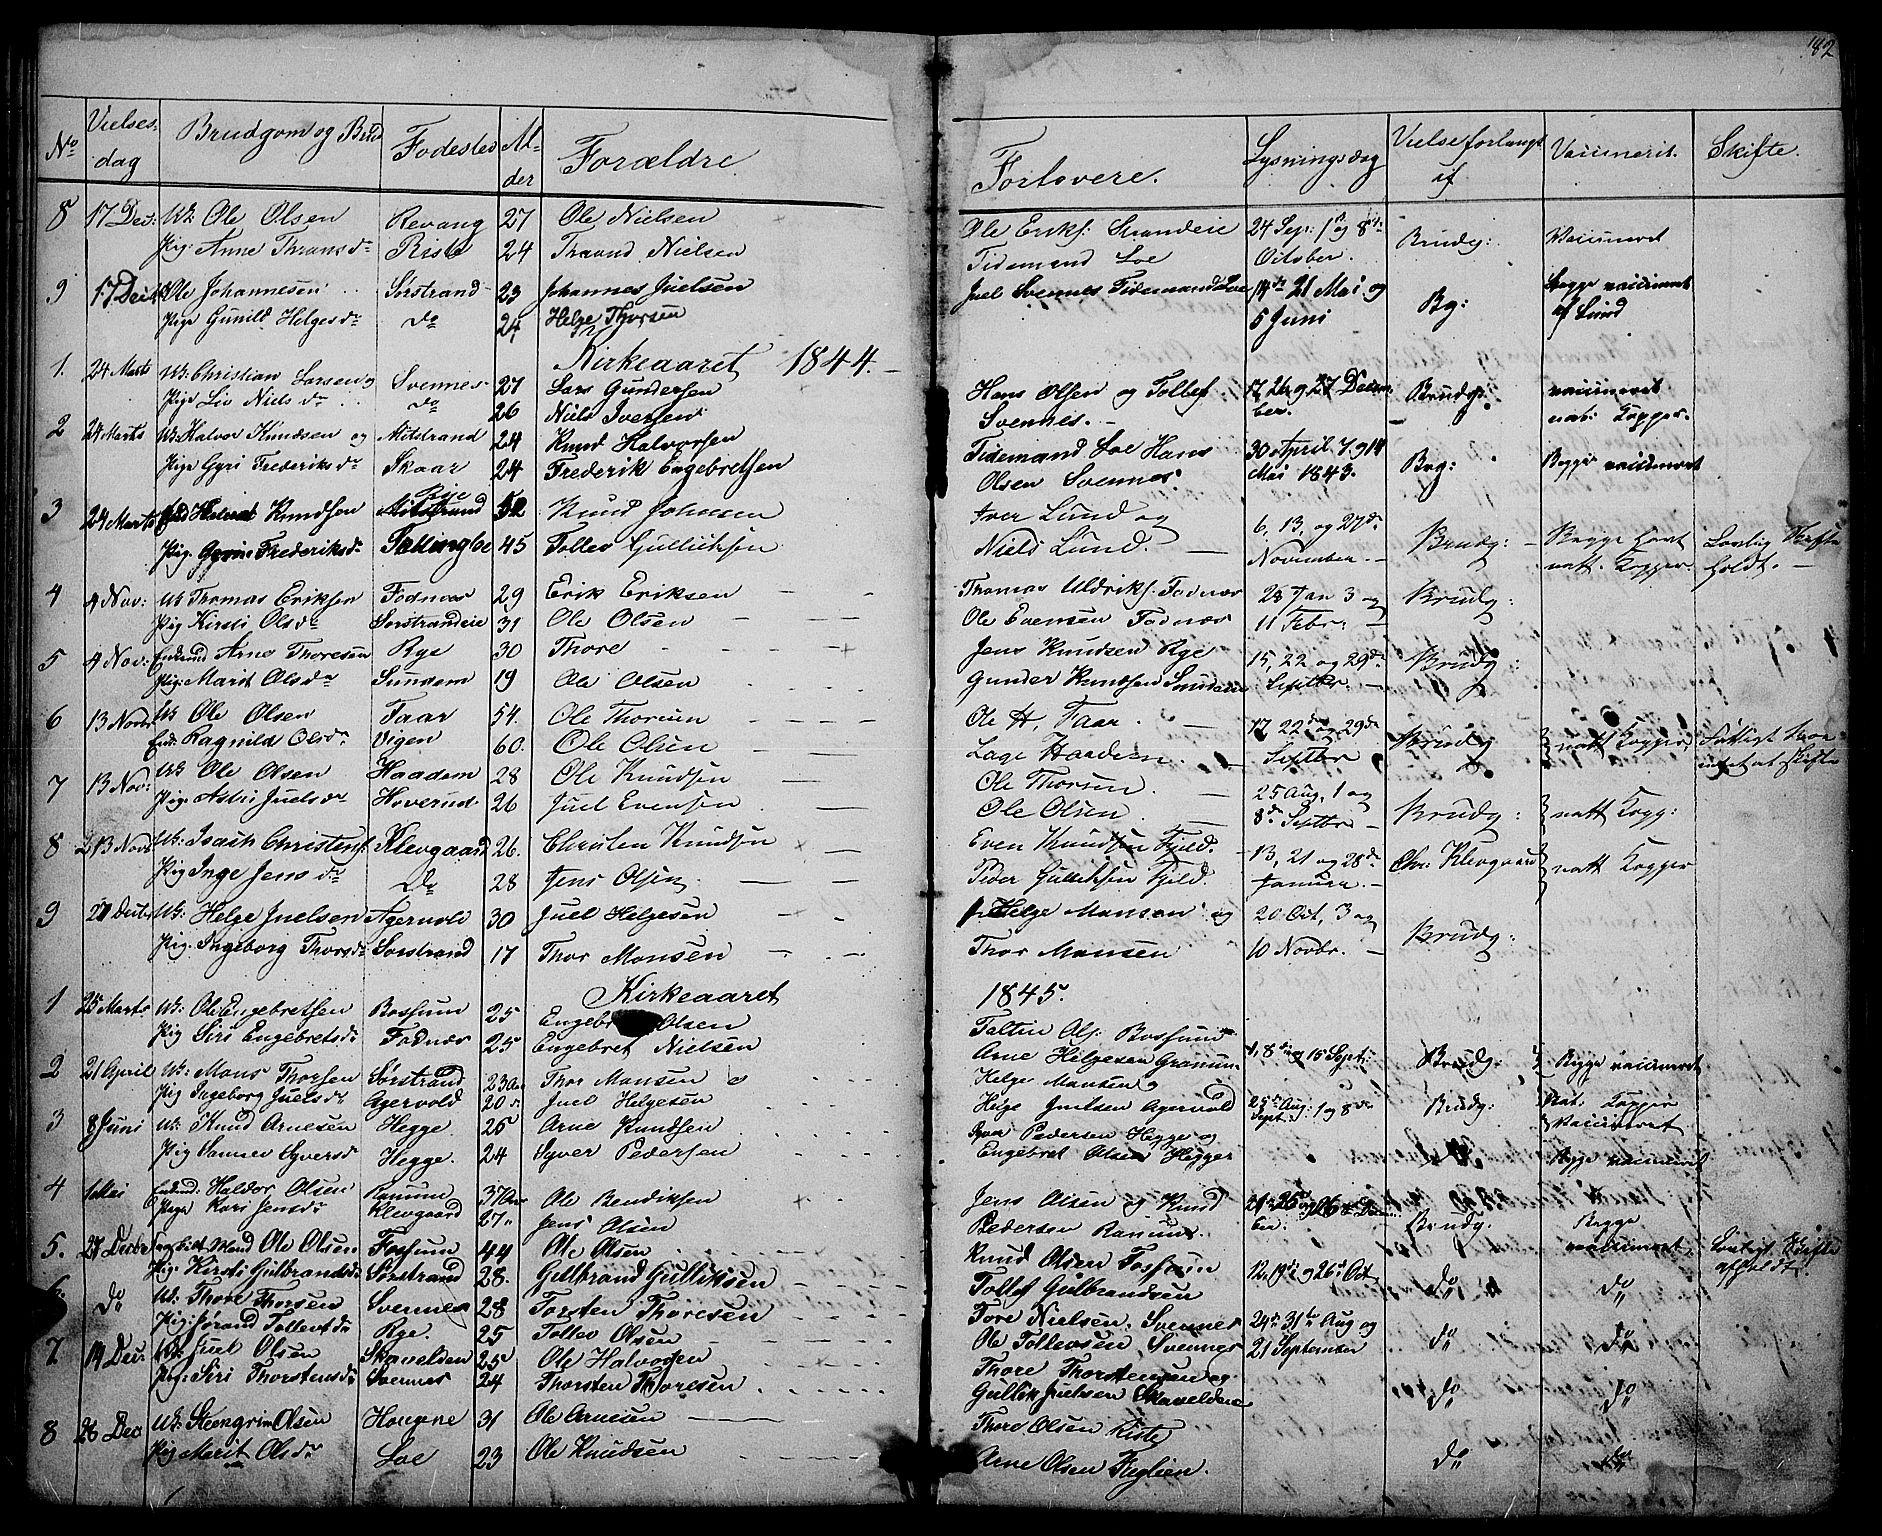 SAH, Nord-Aurdal prestekontor, Klokkerbok nr. 3, 1842-1882, s. 182